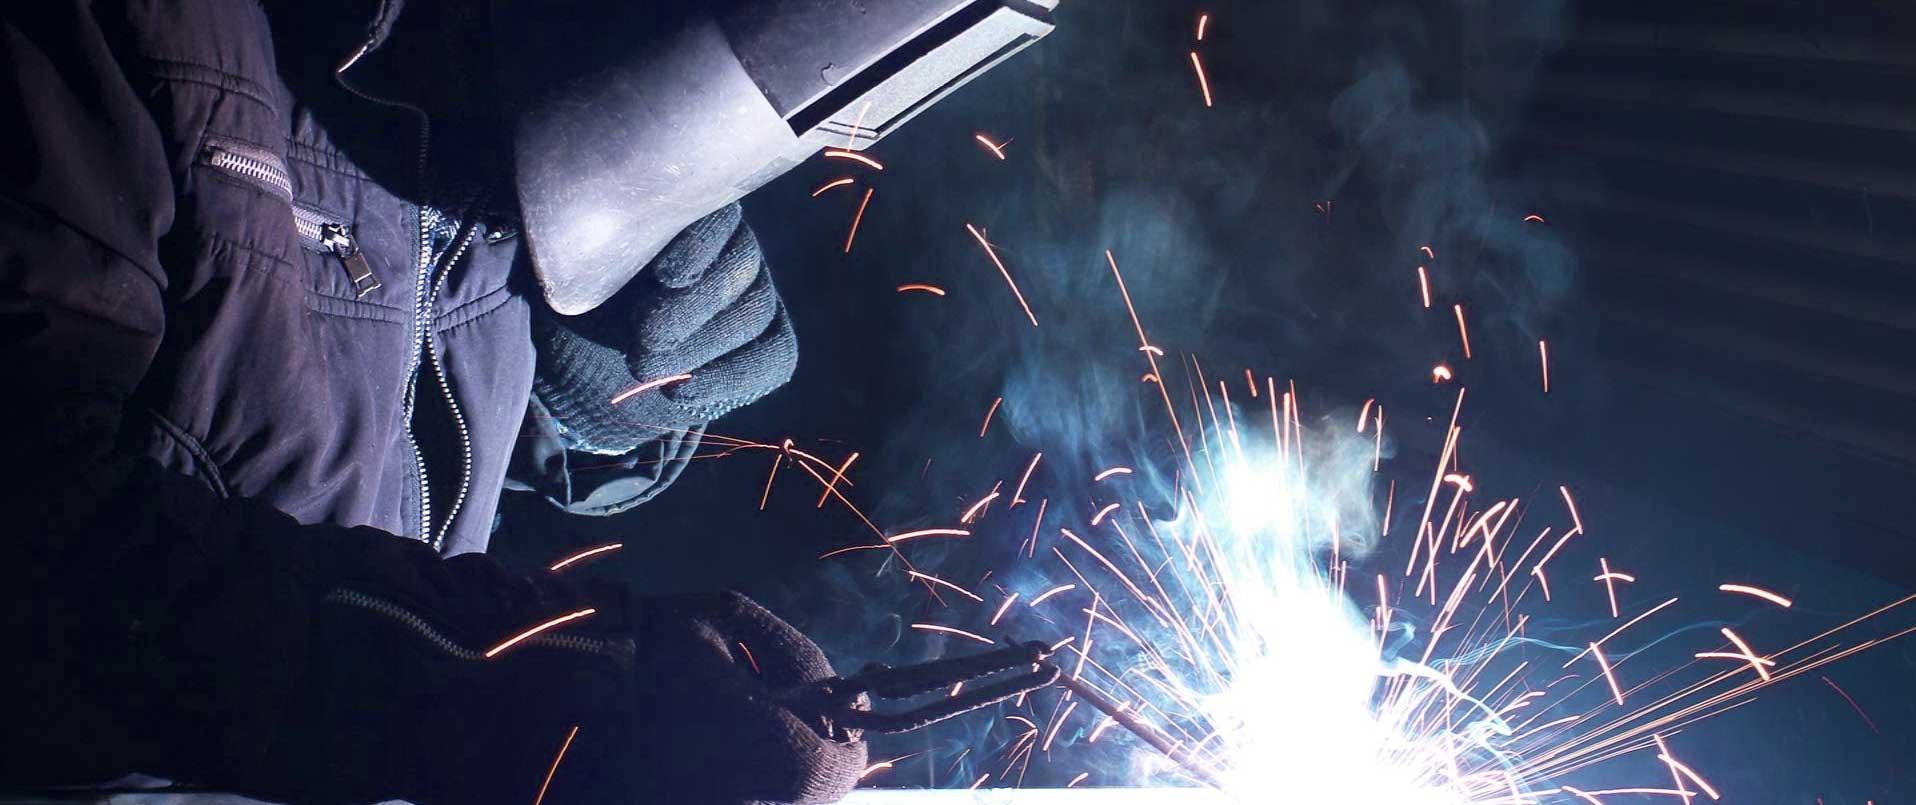 hsk welding solutions metallteile verbinden. Black Bedroom Furniture Sets. Home Design Ideas